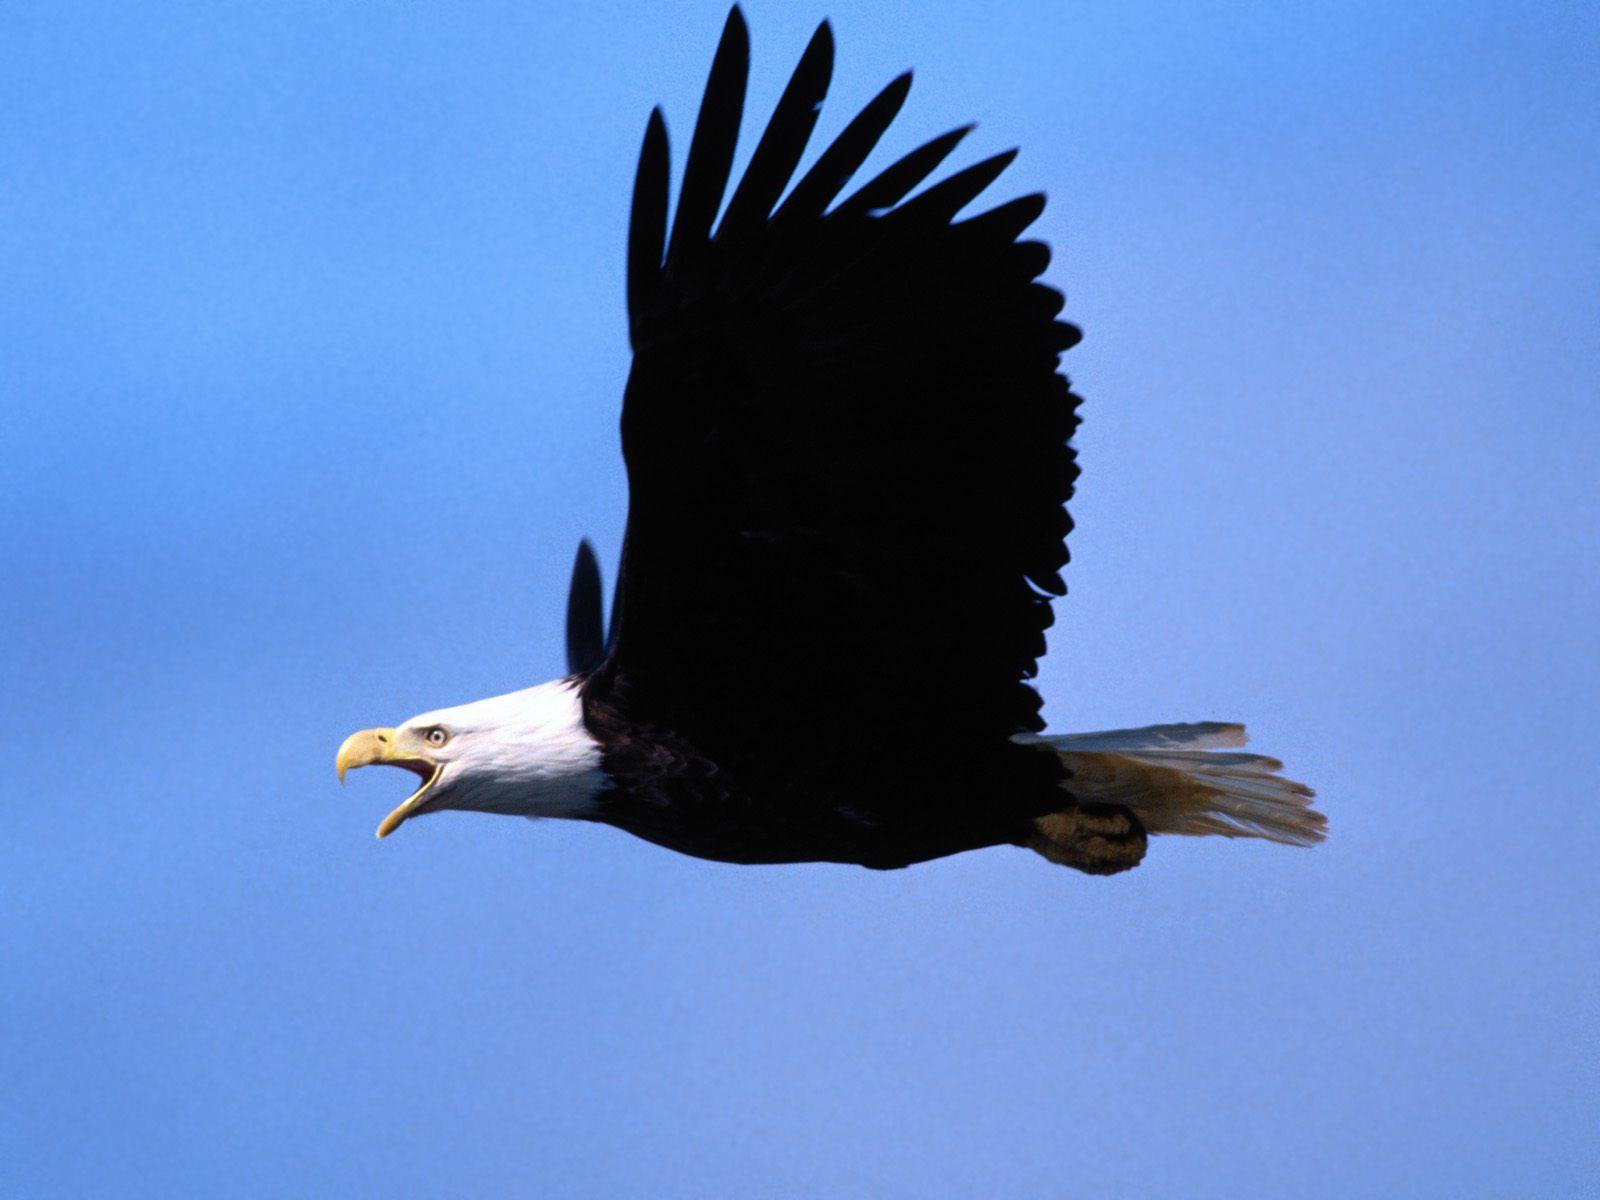 http://4.bp.blogspot.com/-1KLsIZv8ABU/UHihK-zoECI/AAAAAAAAMMM/VjiTXoGgG6Y/s1600/Copia+de+Call+of+the+Wild,+Bald+Eagle.jpg